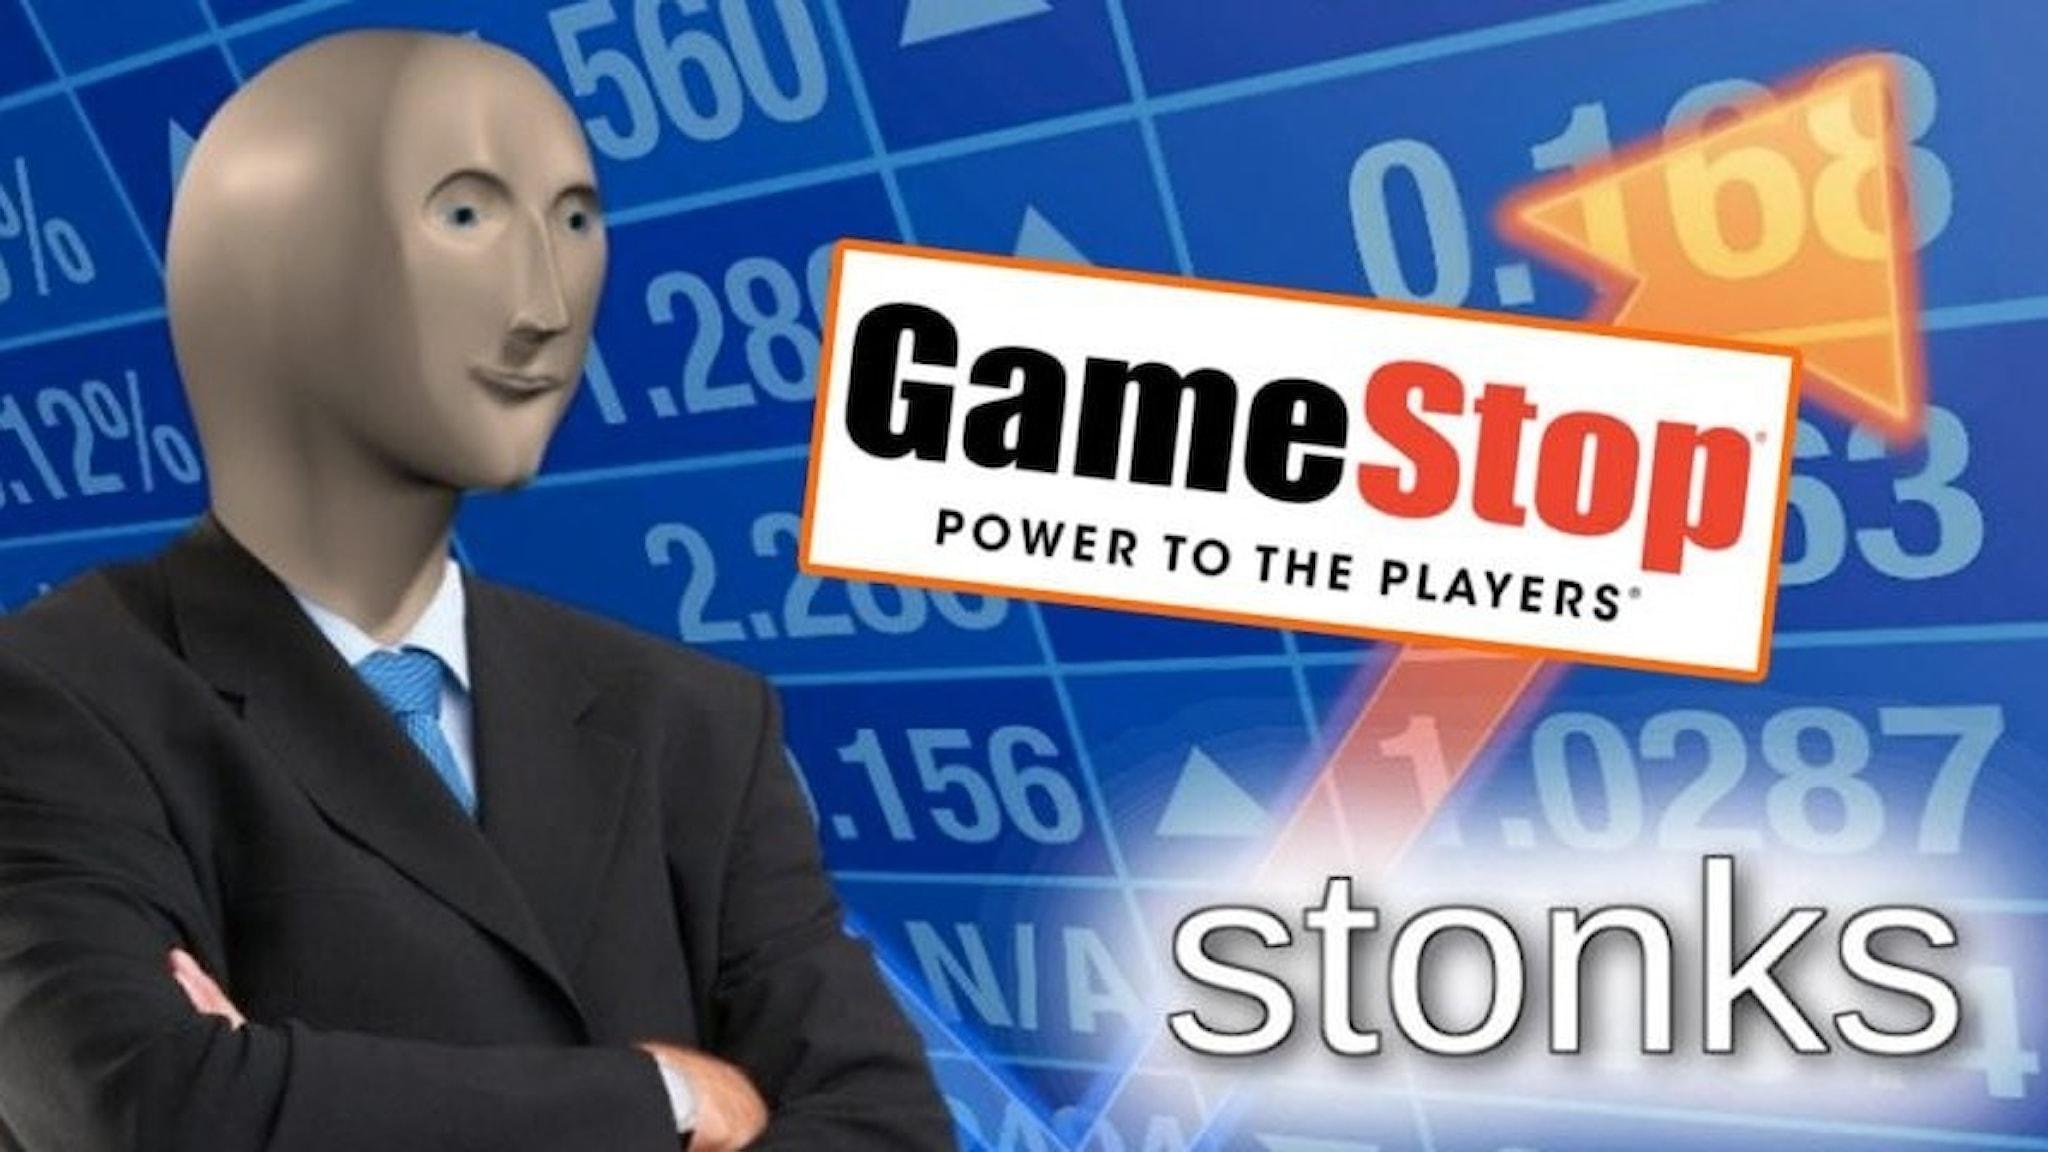 En av alla memes om Gamestop.